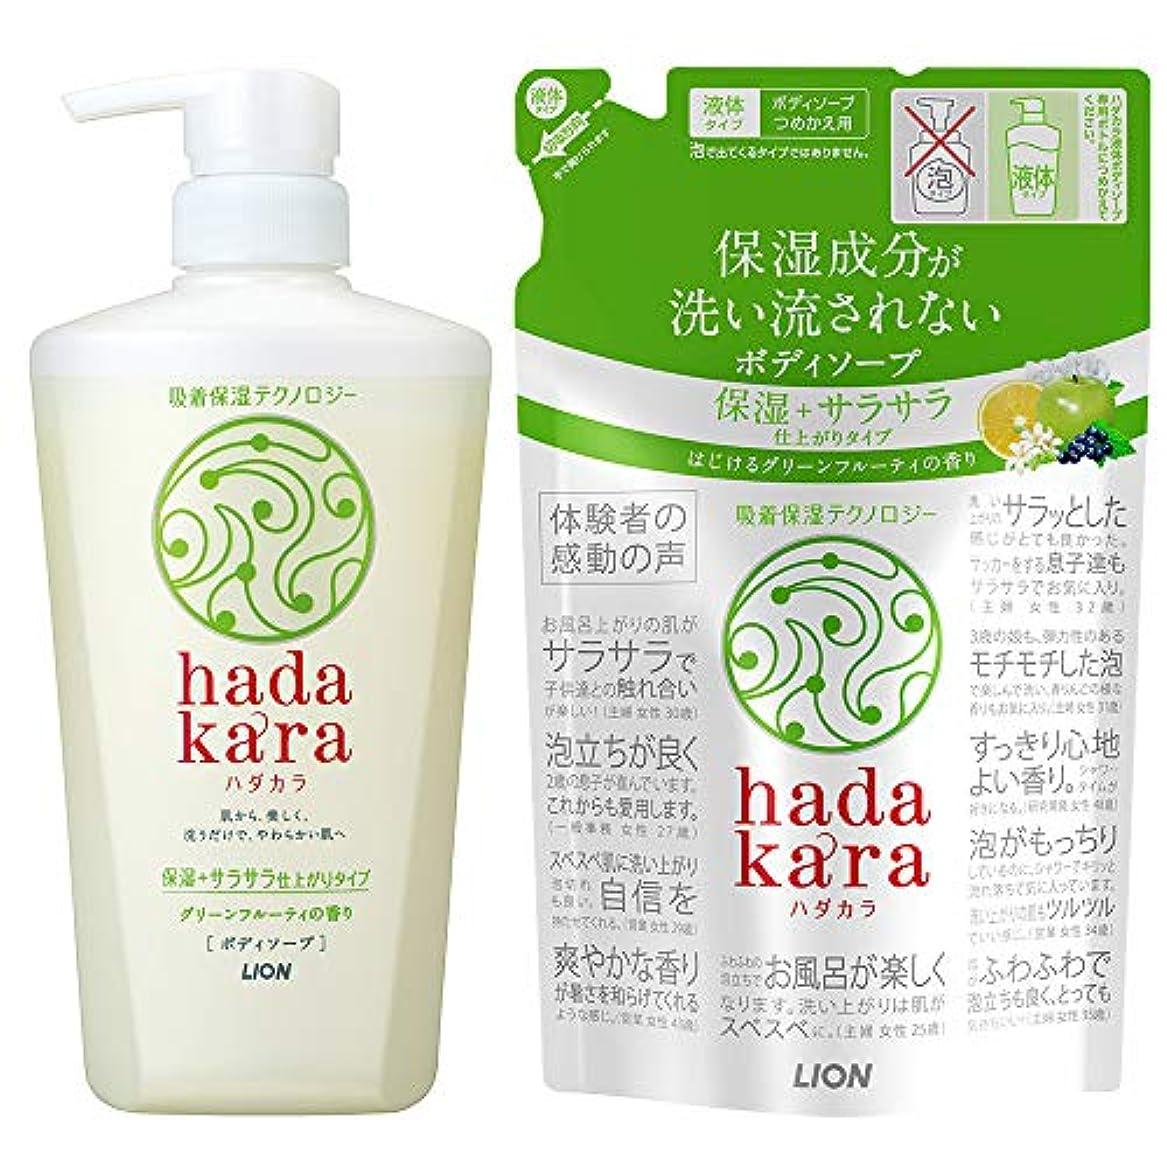 取り消す精通した胸hadakara(ハダカラ)ボディソープ 保湿+サラサラ仕上がりタイプ グリーンフルーティの香り (本体480ml+つめかえ340ml)